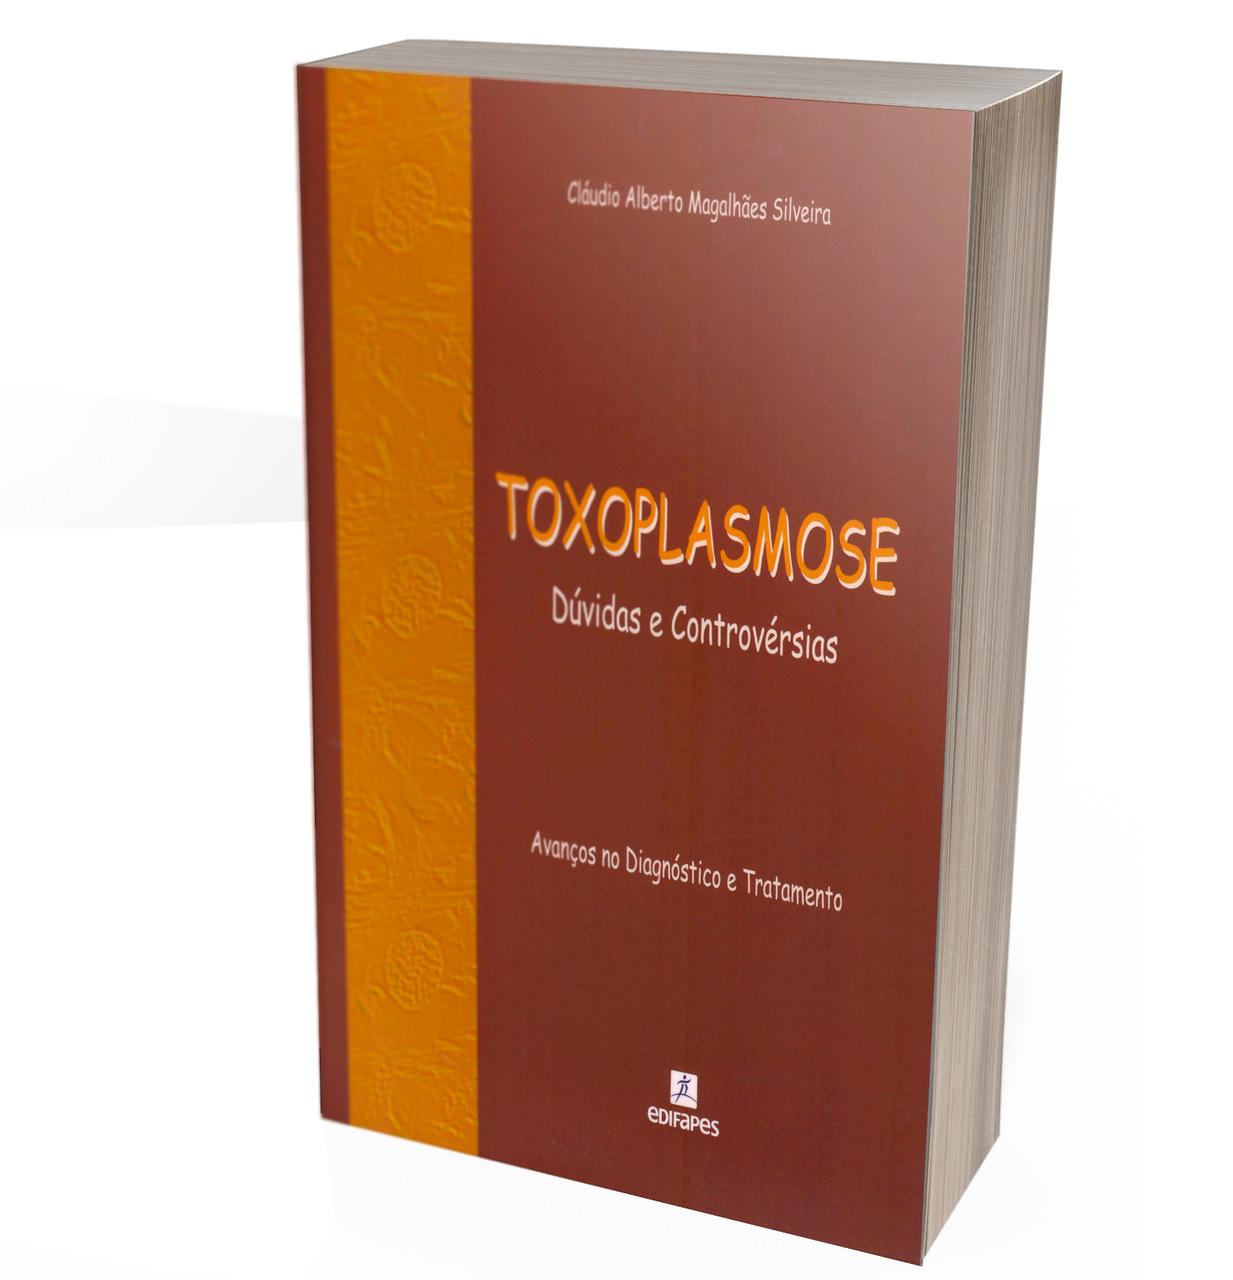 capa-livro-maior-22_Easy-Resize.com